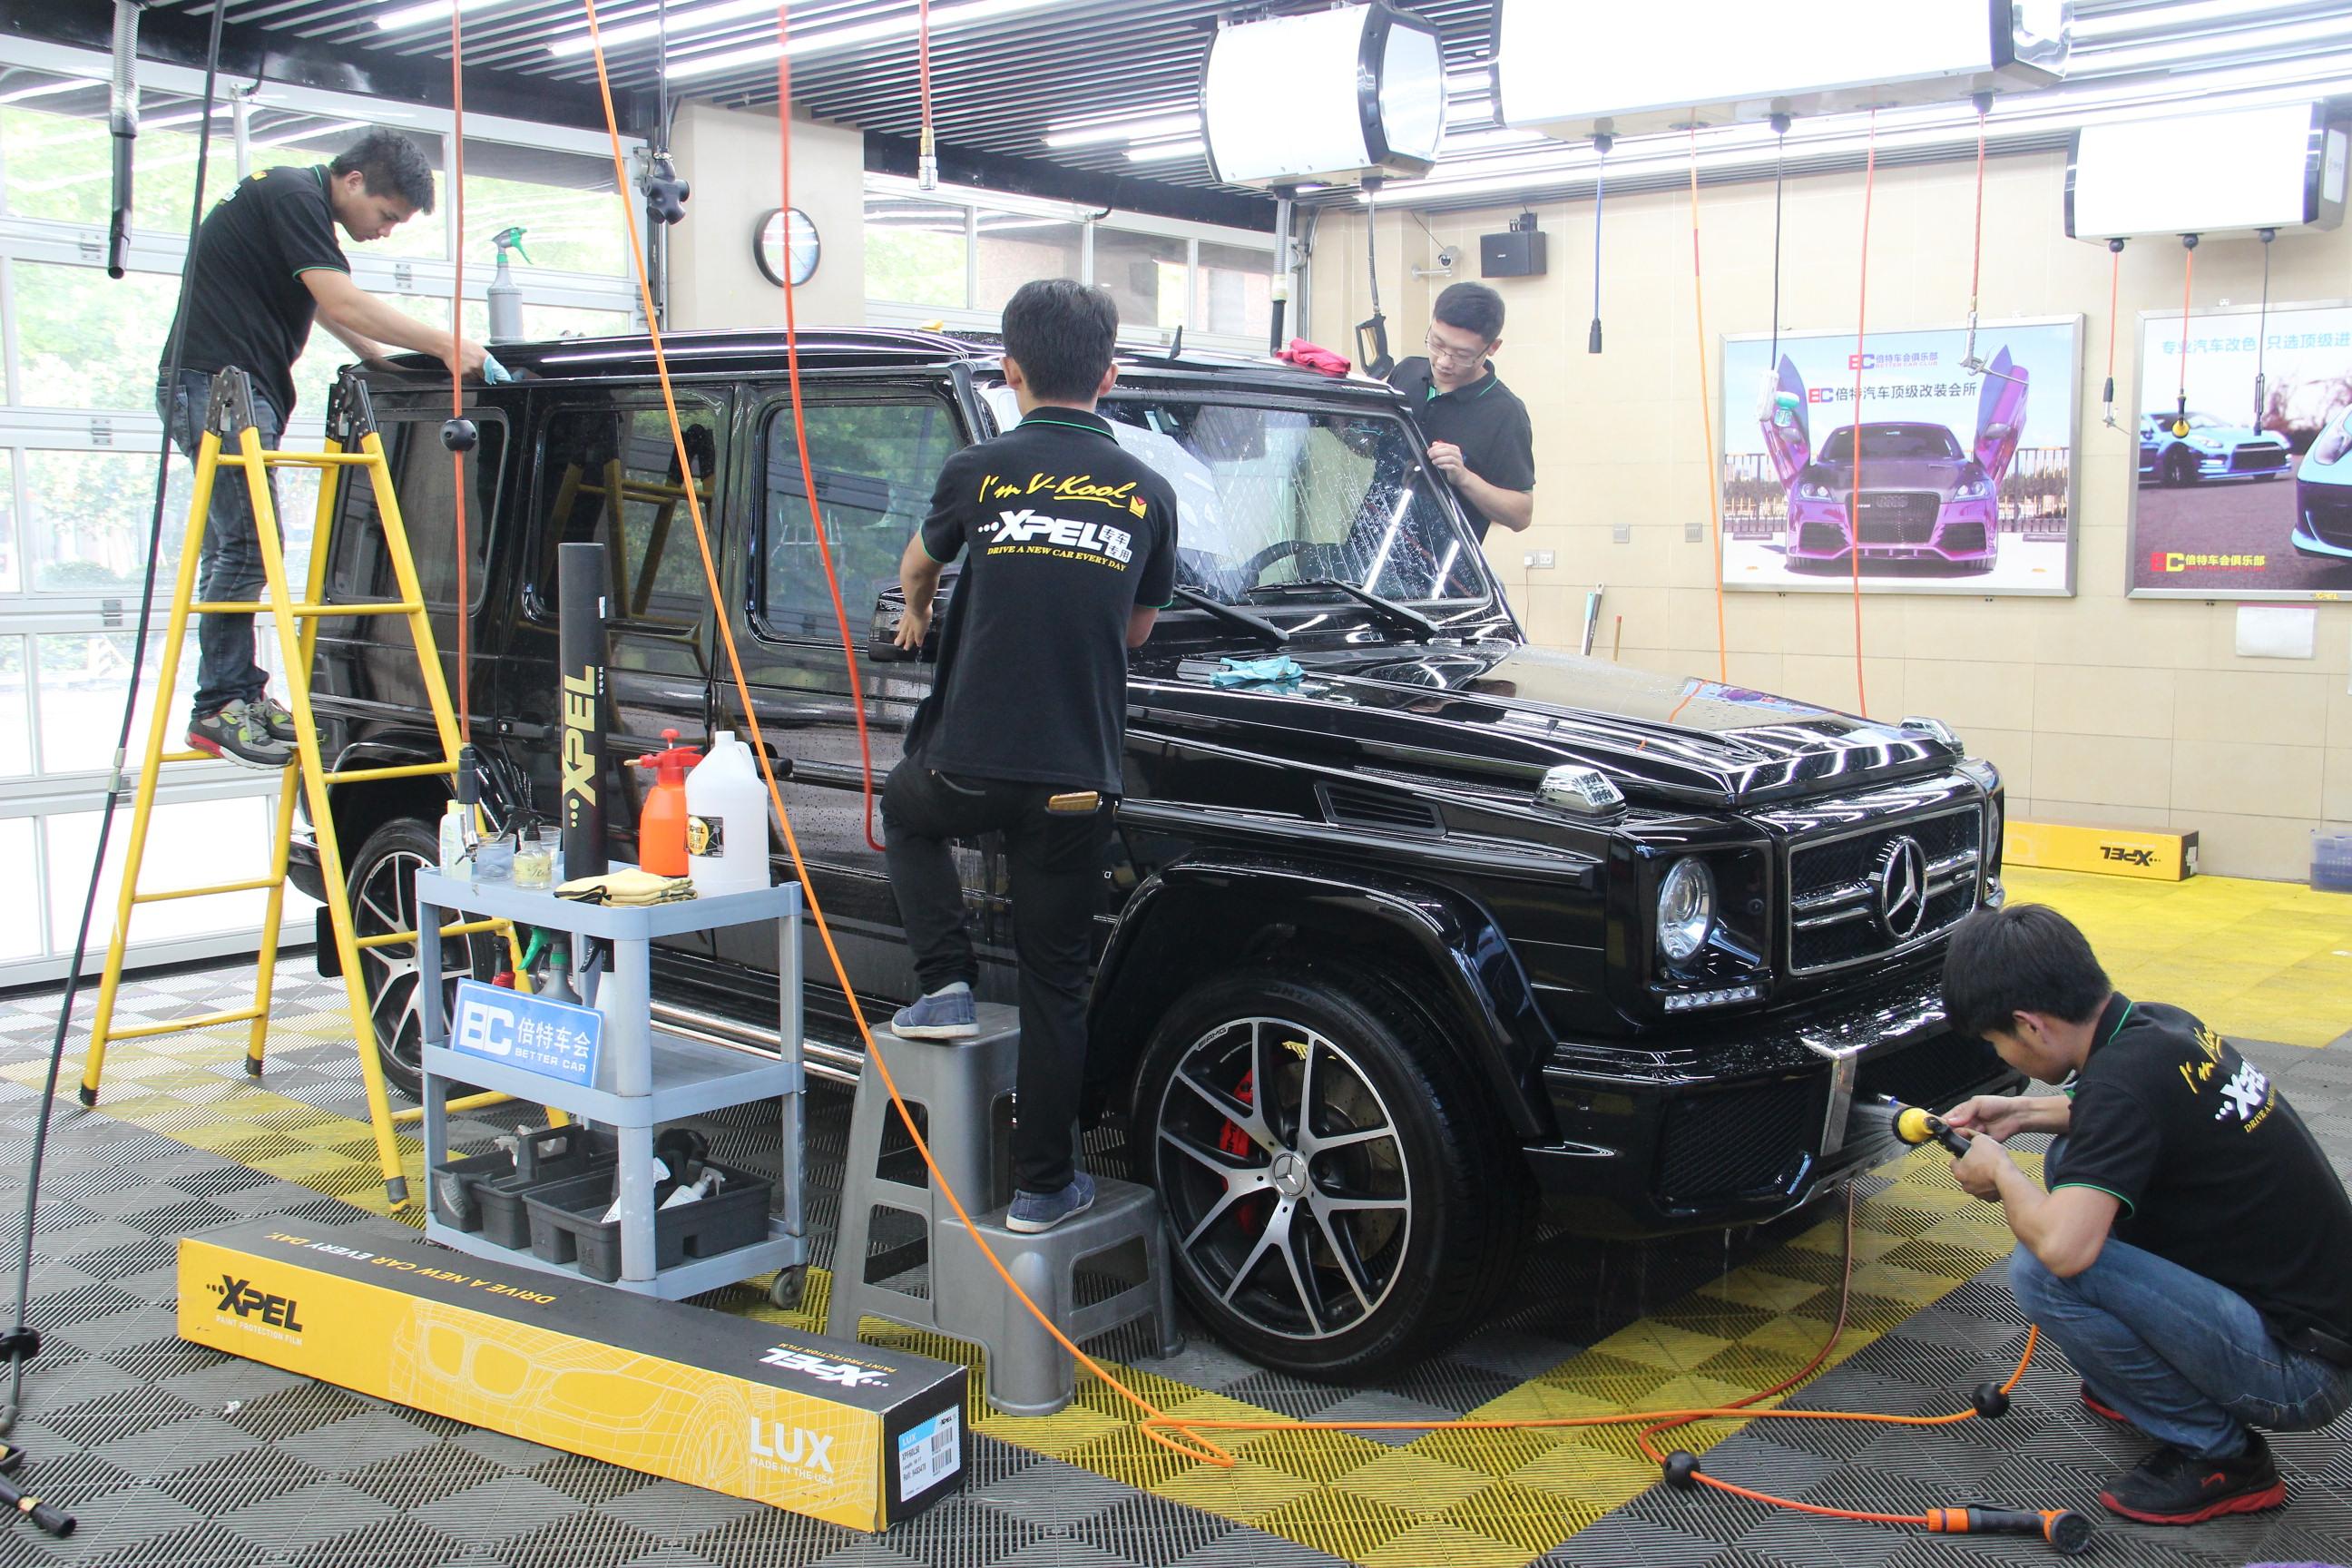 奔驰G63施工施工 XPEL LUX